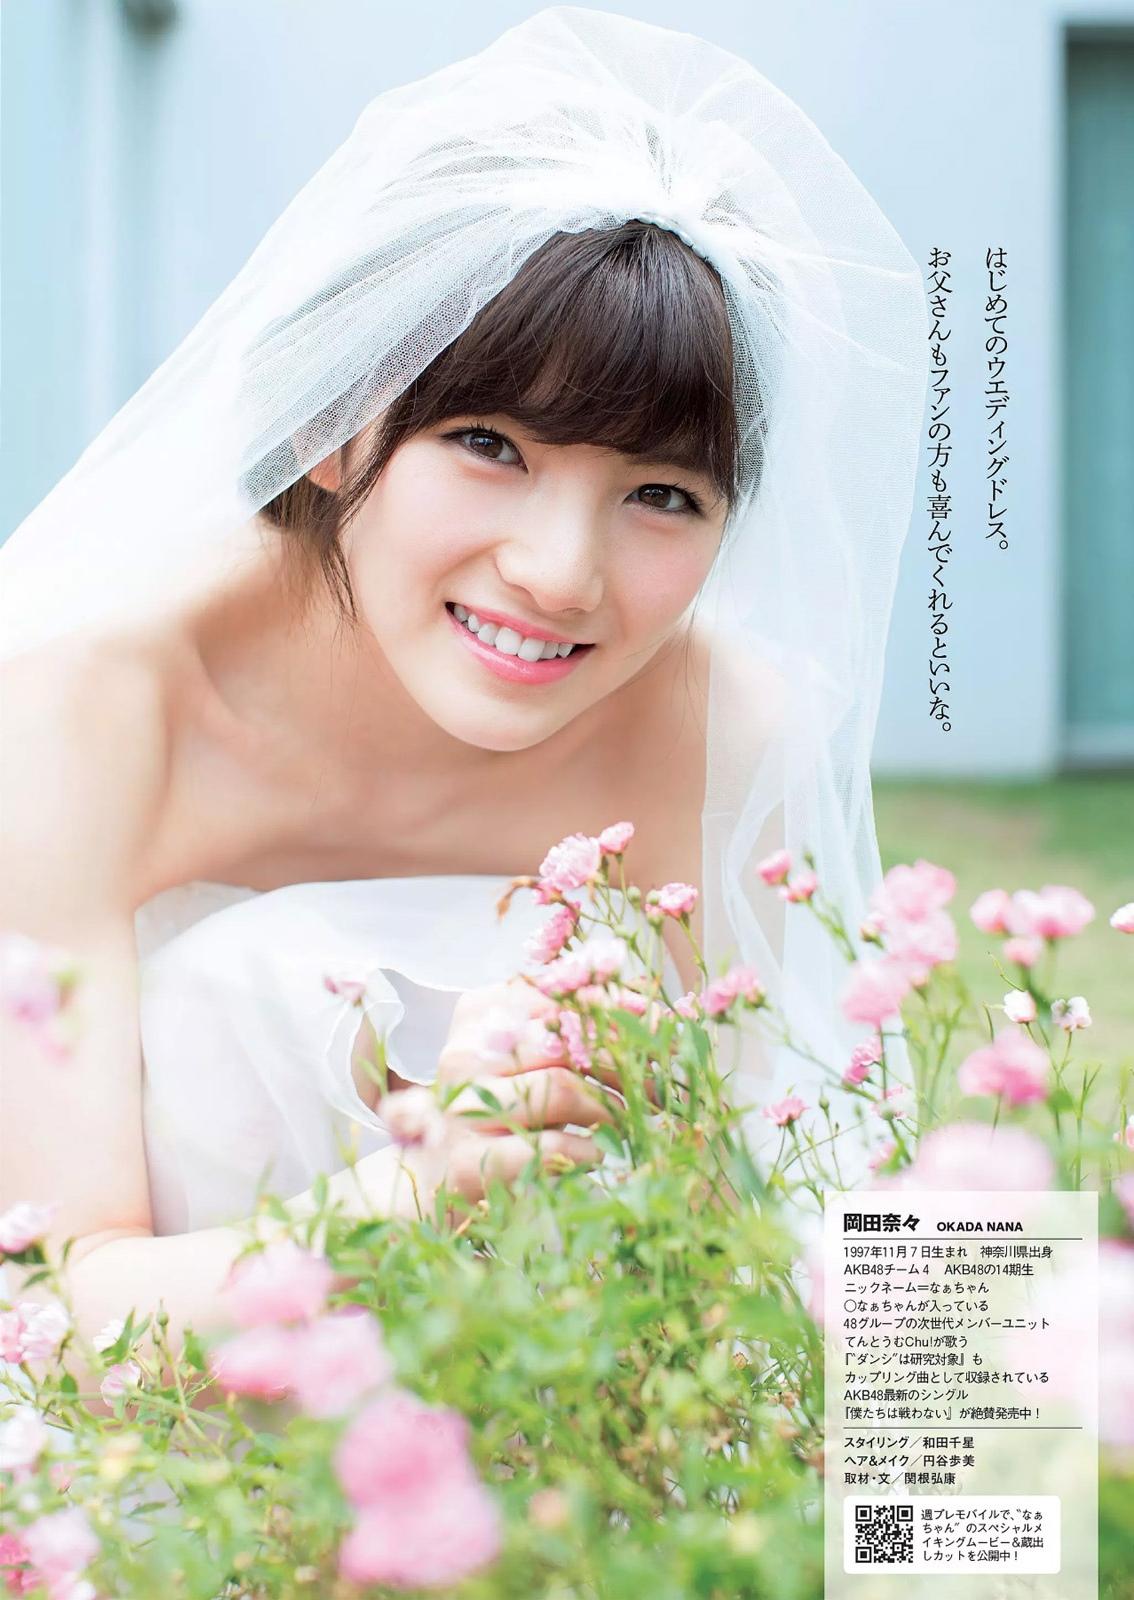 岡田奈々 (AKB48)の画像 p1_36